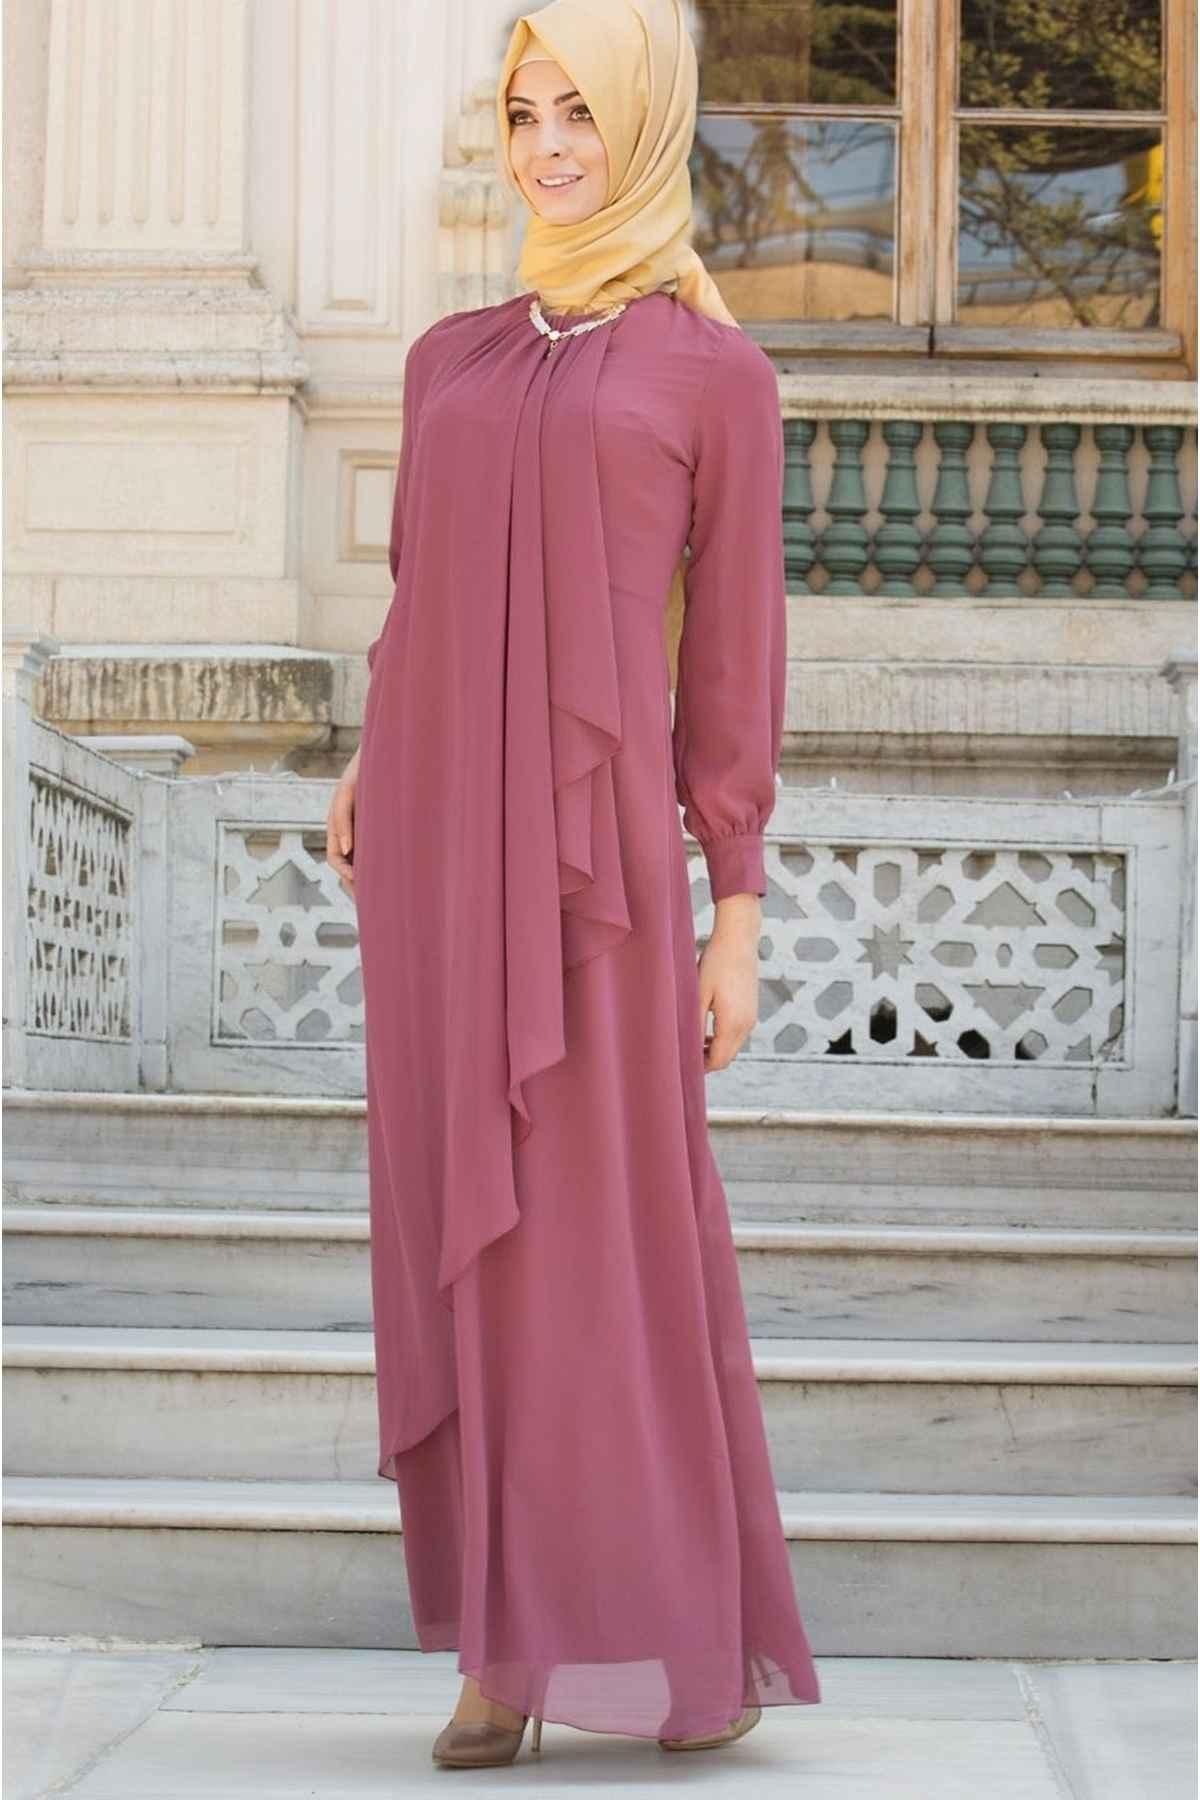 Şık ve Özel Patırtı Tesettür Abiye Elbise Modelleri